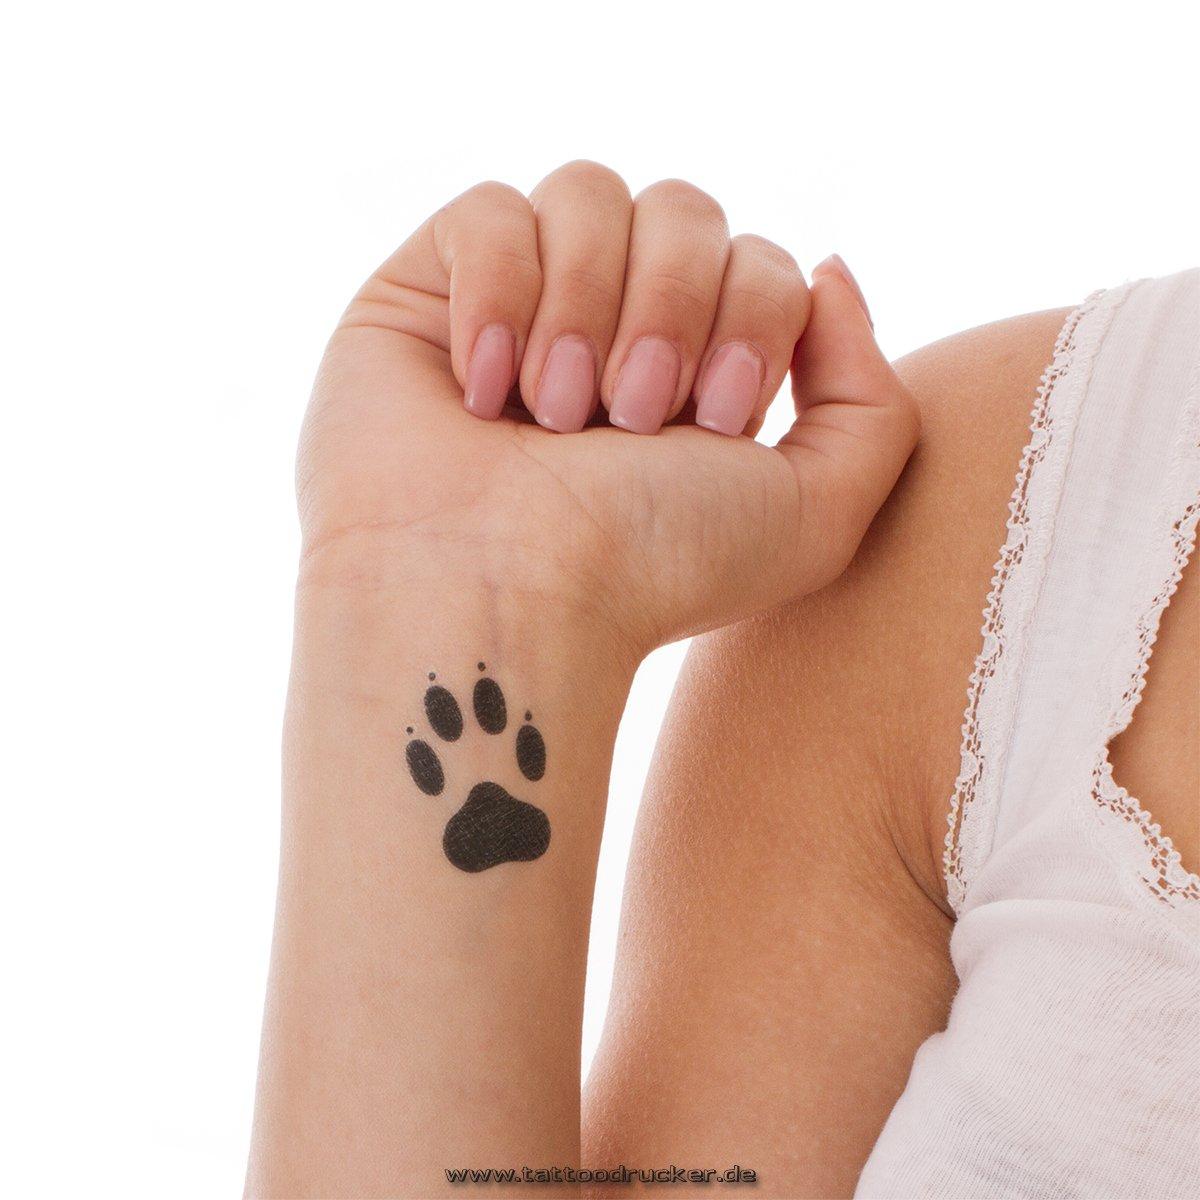 5 x pequeñas patas tatuajes - patas temporal tatuajes una vez en negro (5): Amazon.es: Belleza